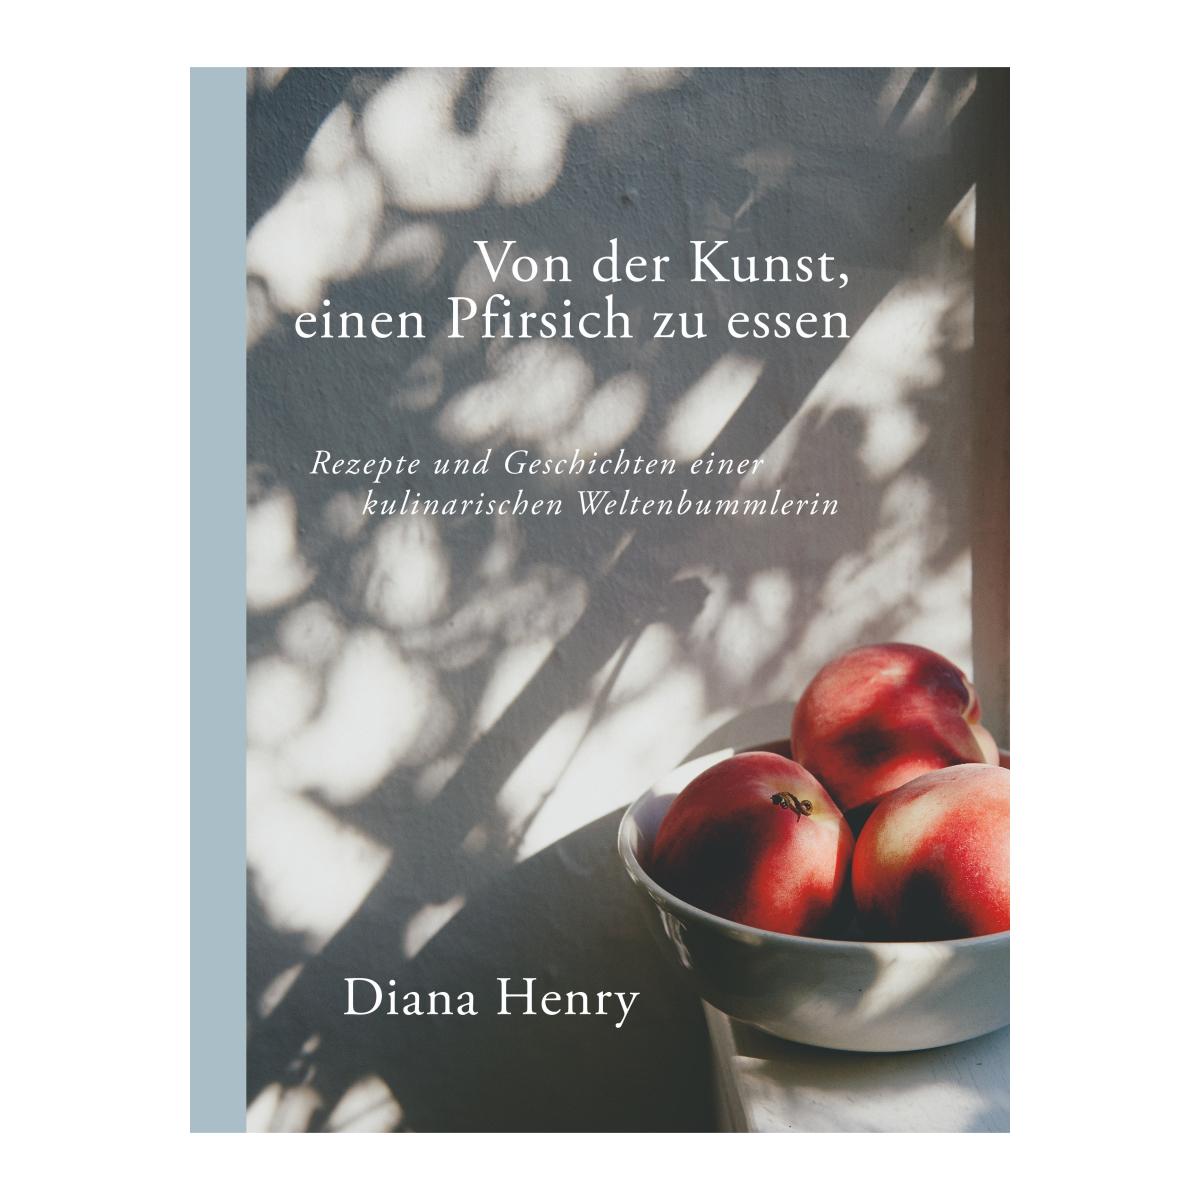 Von der Kunst einen Pfirsich zu essen von Diana Henry